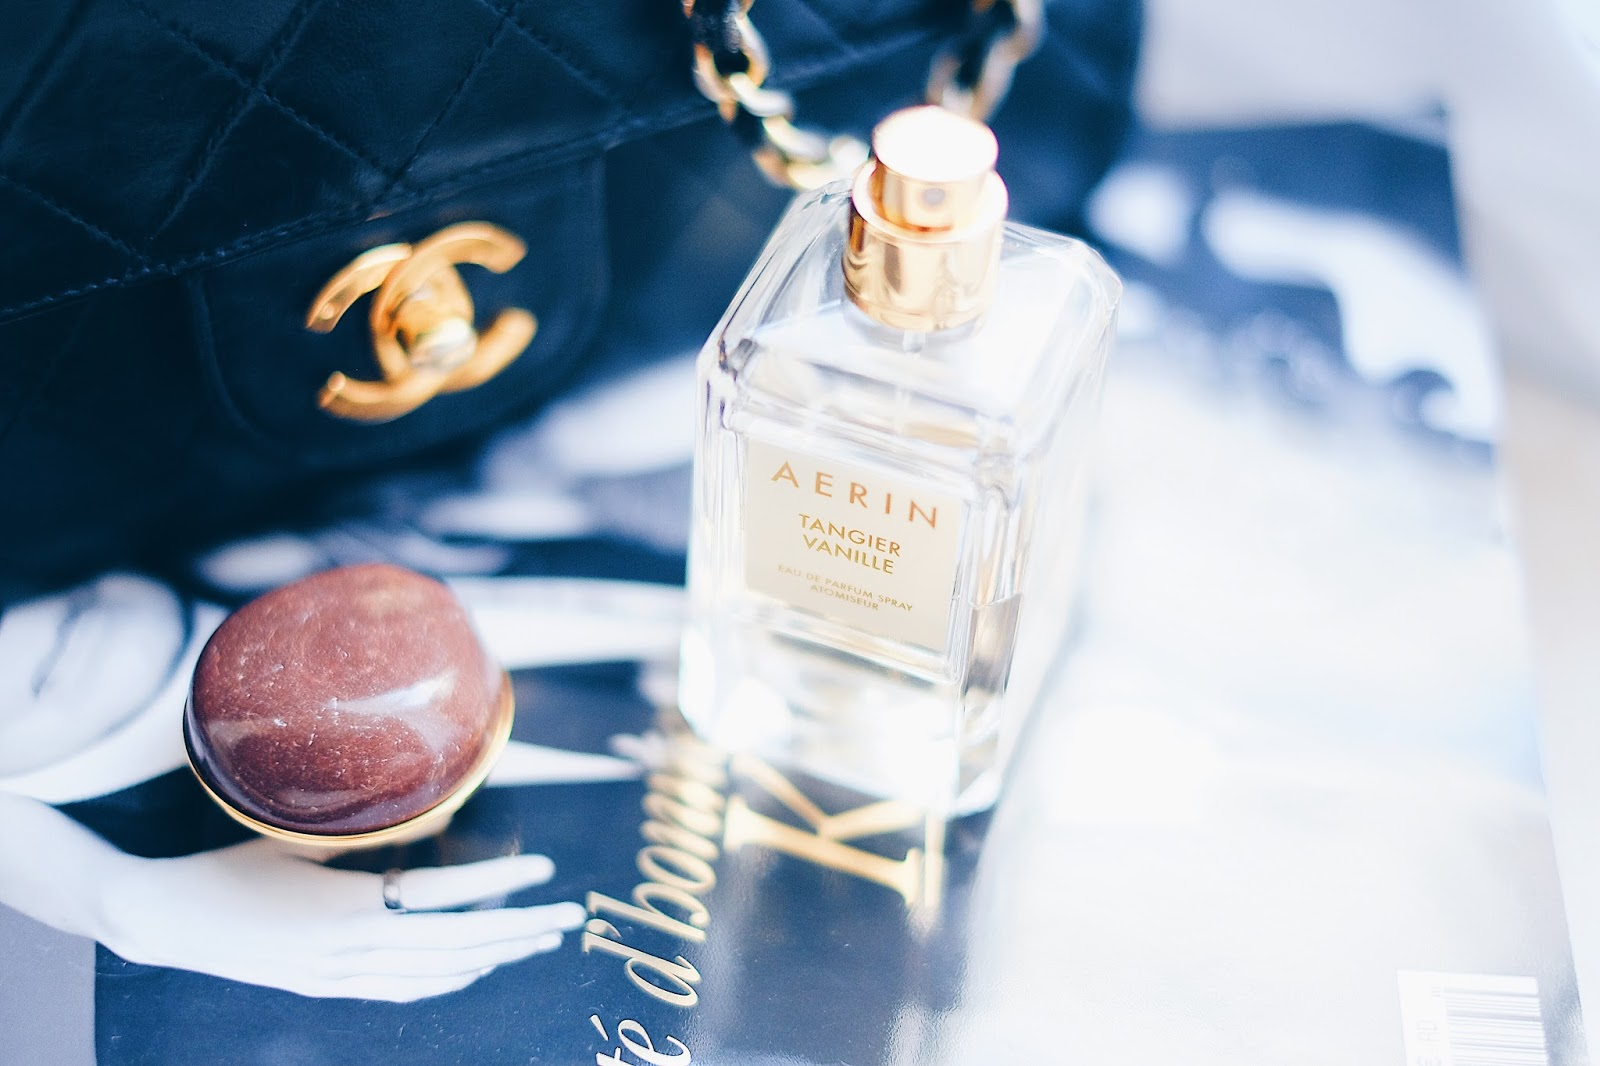 parfum_tangier_vanille_estee_lauder_aerin